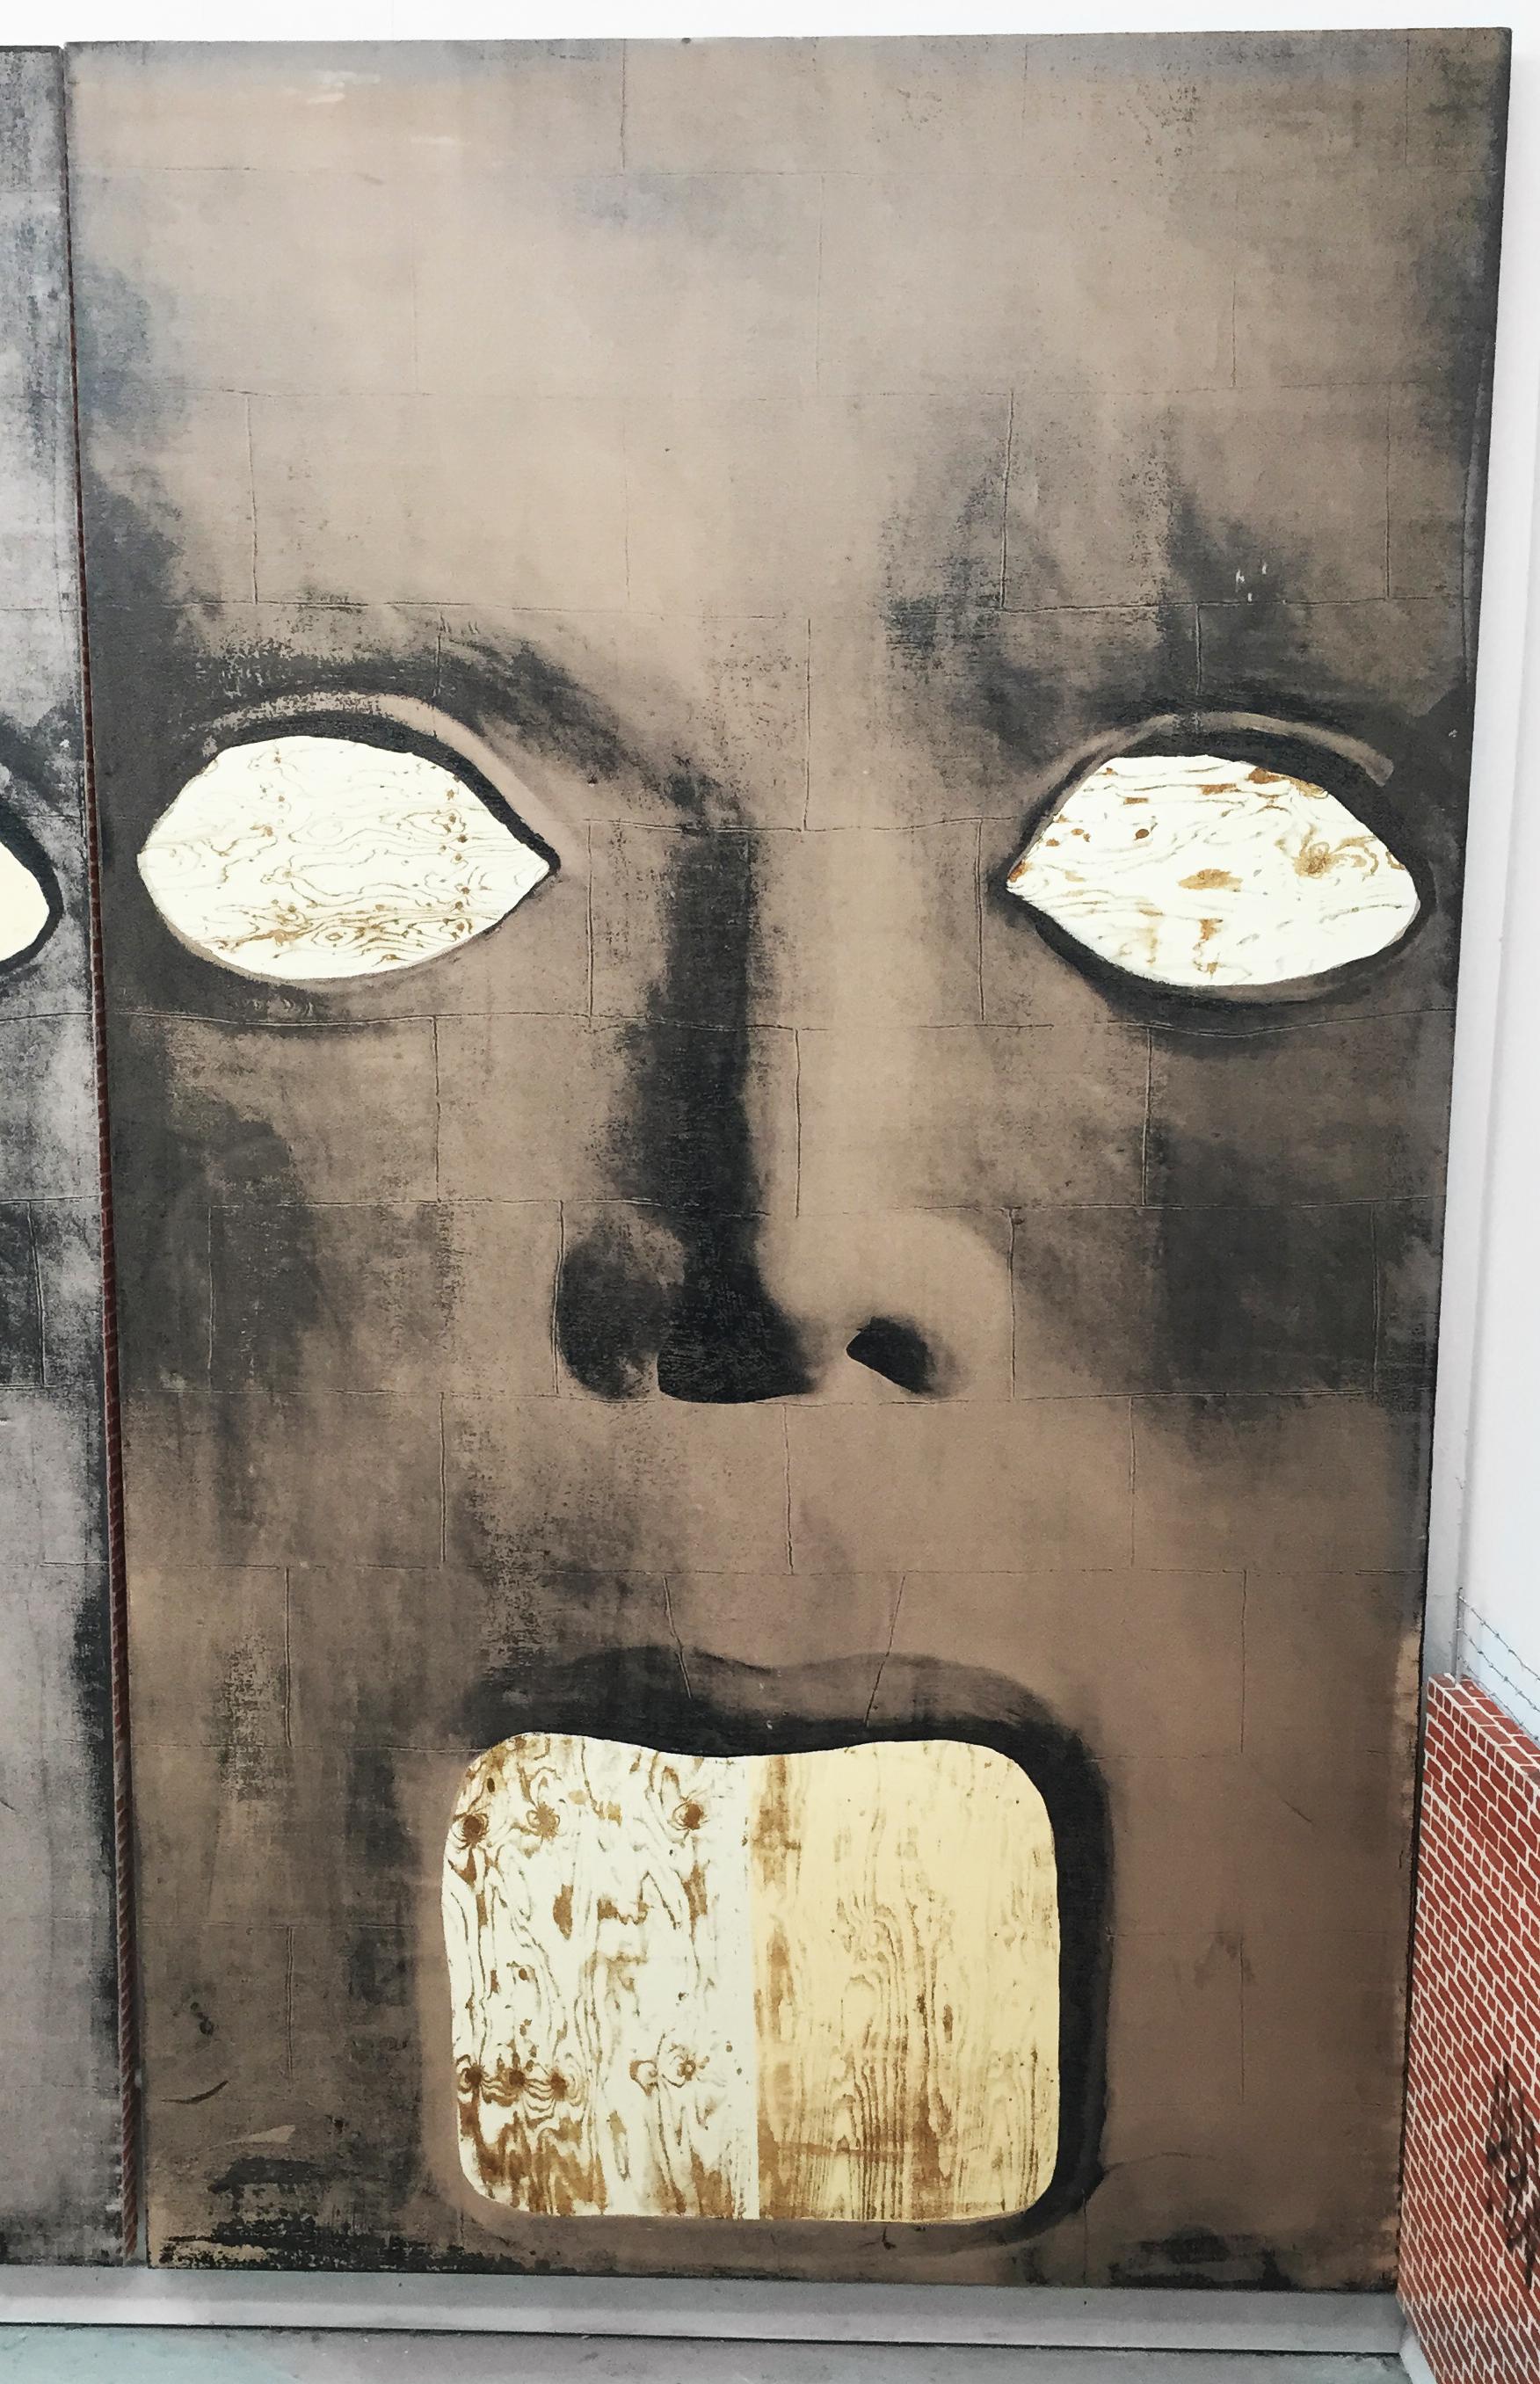 Pentti Monkkonen, Michael Jackson Blvd. , 2014,acrylic on canvas,72 x 43.25 in